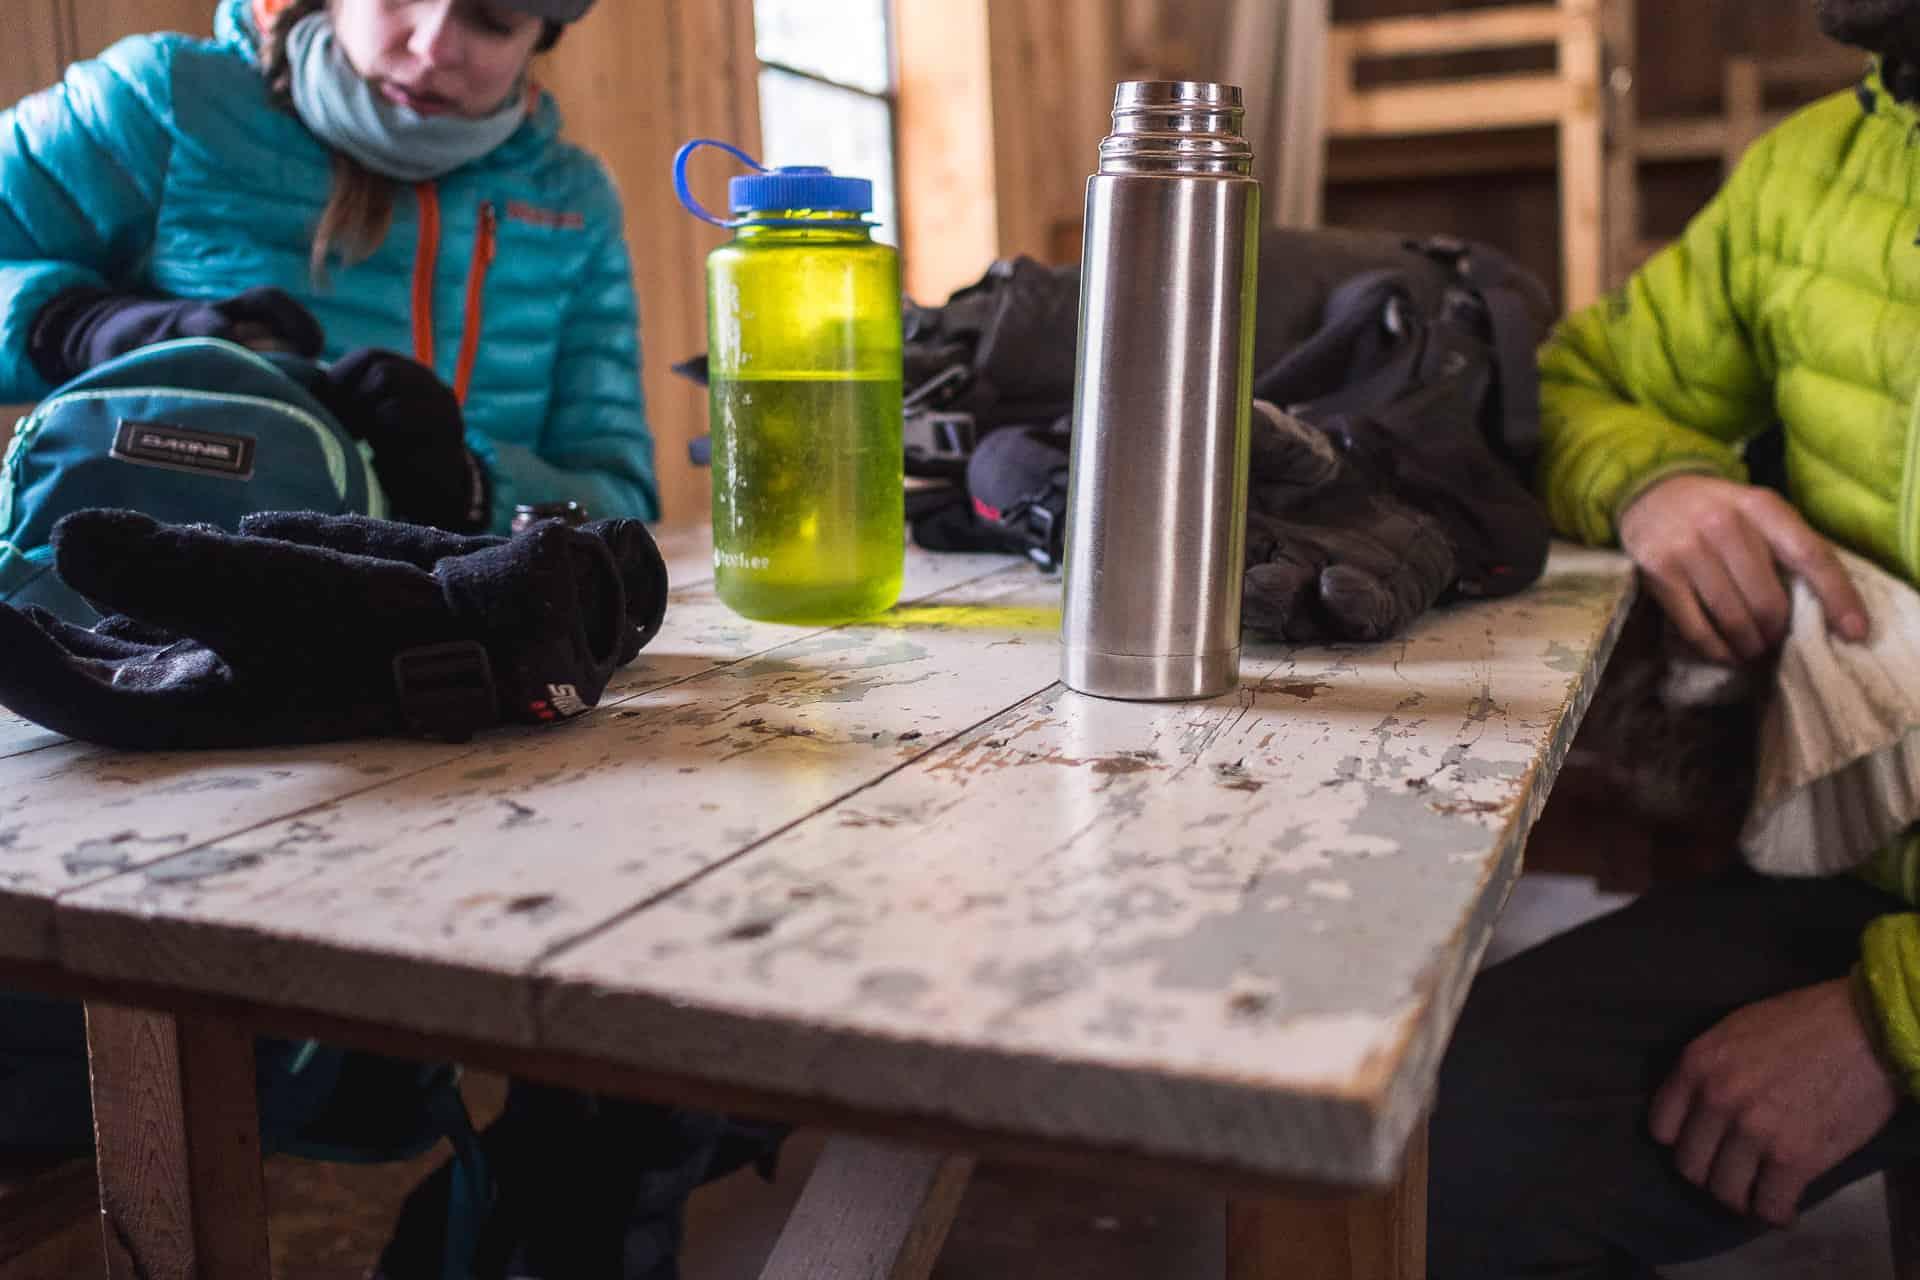 Termos et bouteille nalgene dans un refuge lors d'un arrêt de l'expédition hivernale